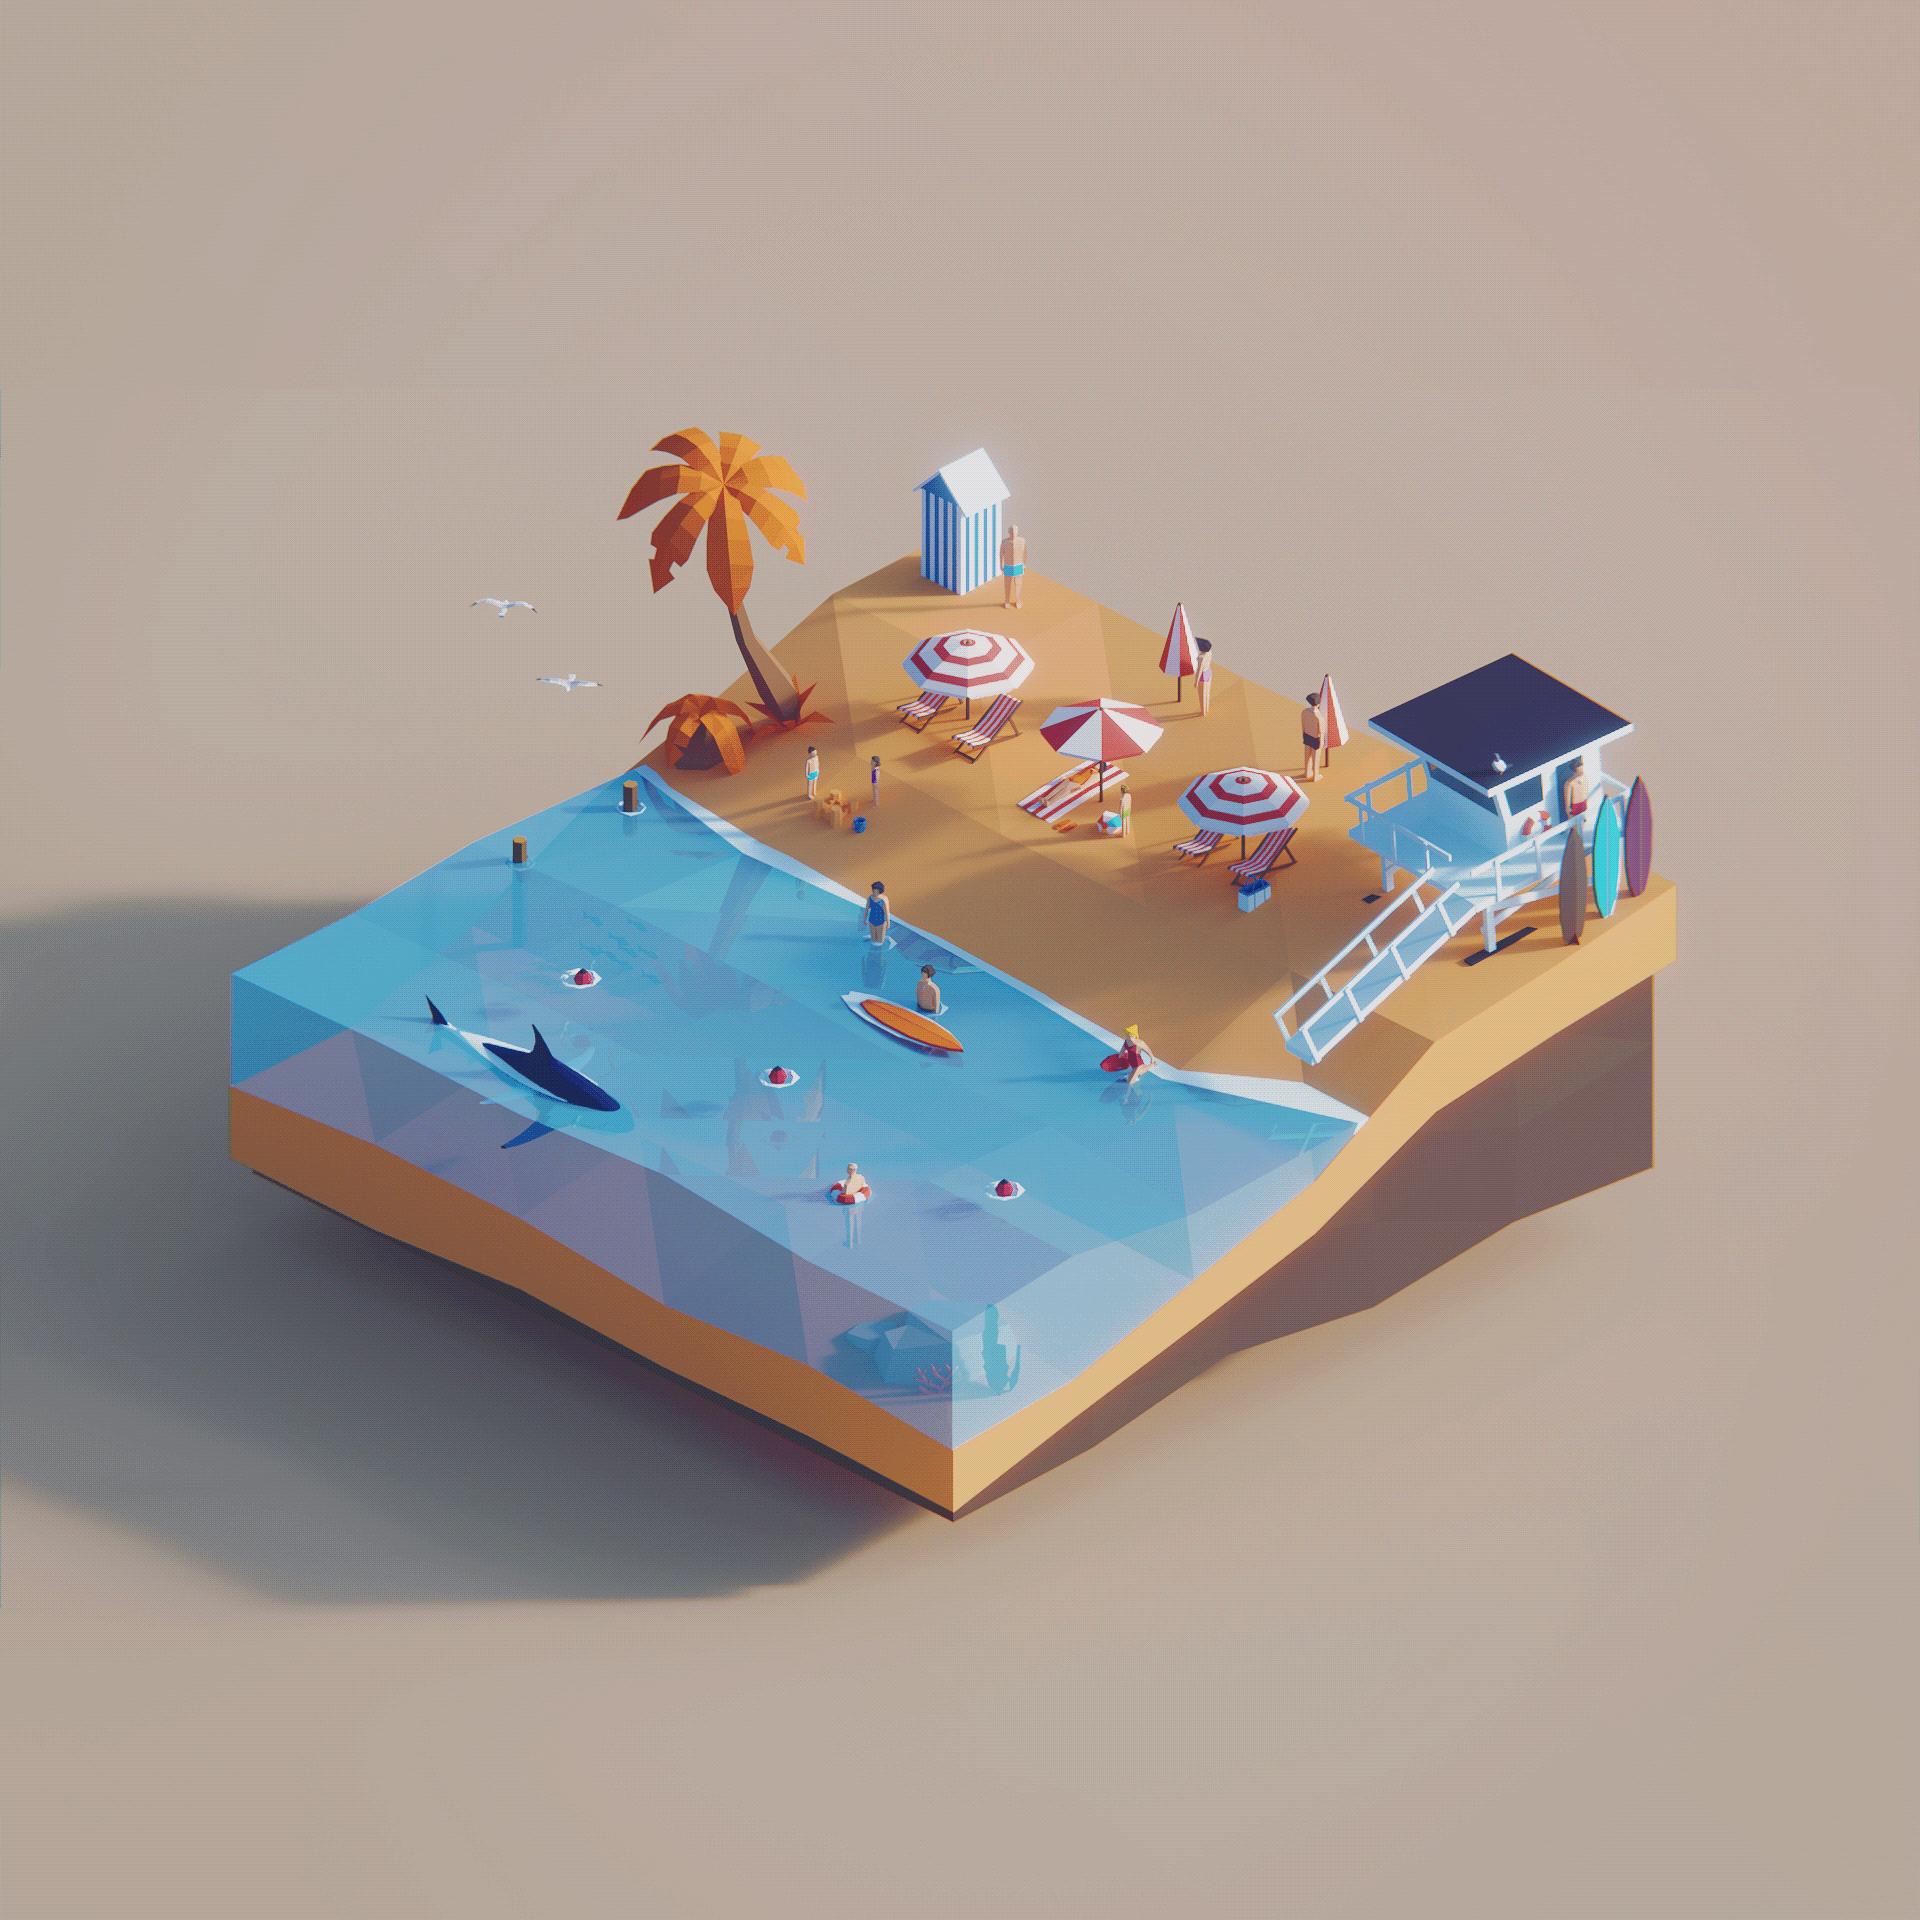 Illustration,Game Design